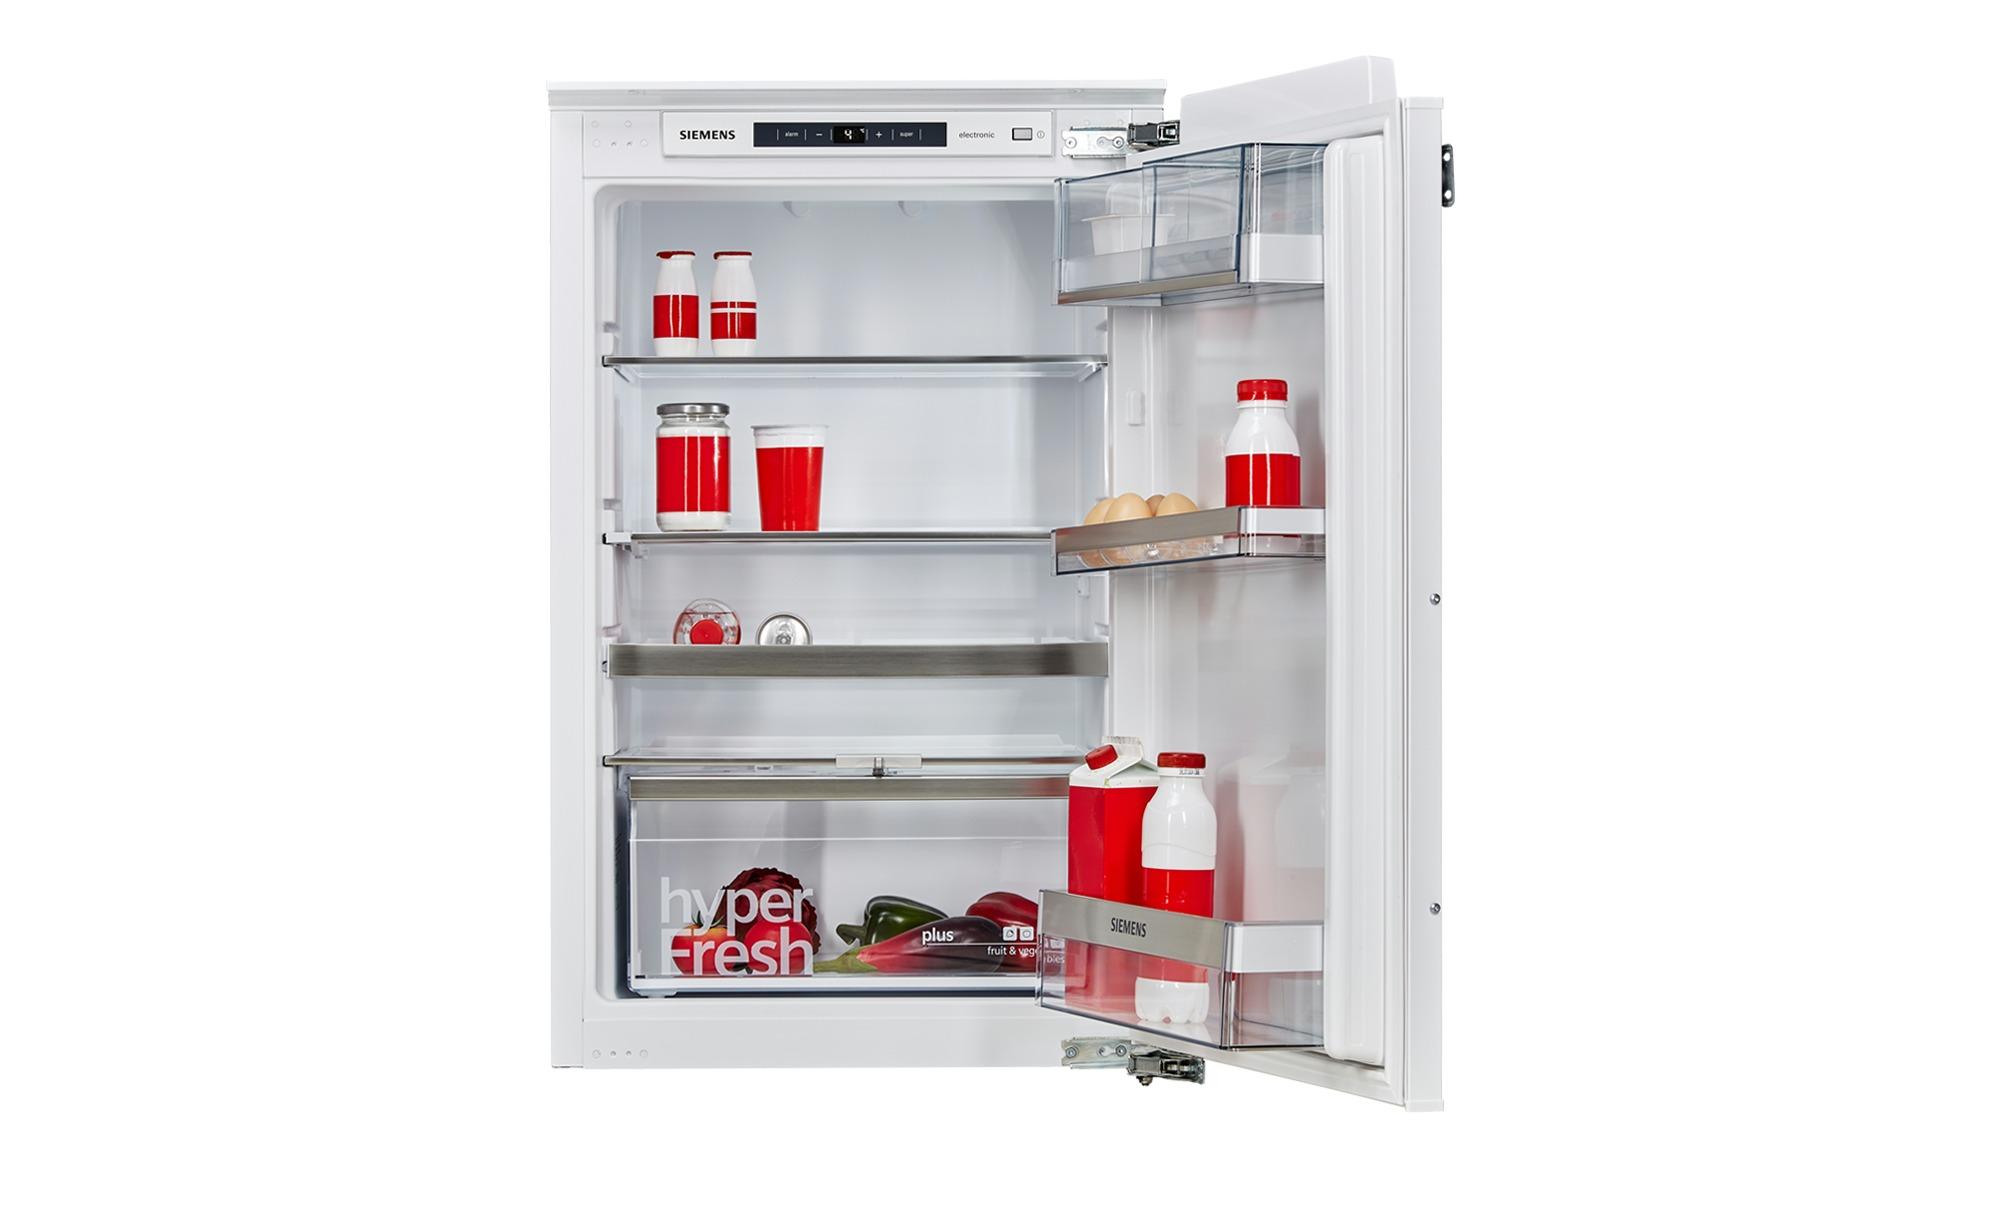 Siemens Kühlschrank Hydrofresh Box : Siemens einbau kühlschrank ki rad bei möbel kraft online